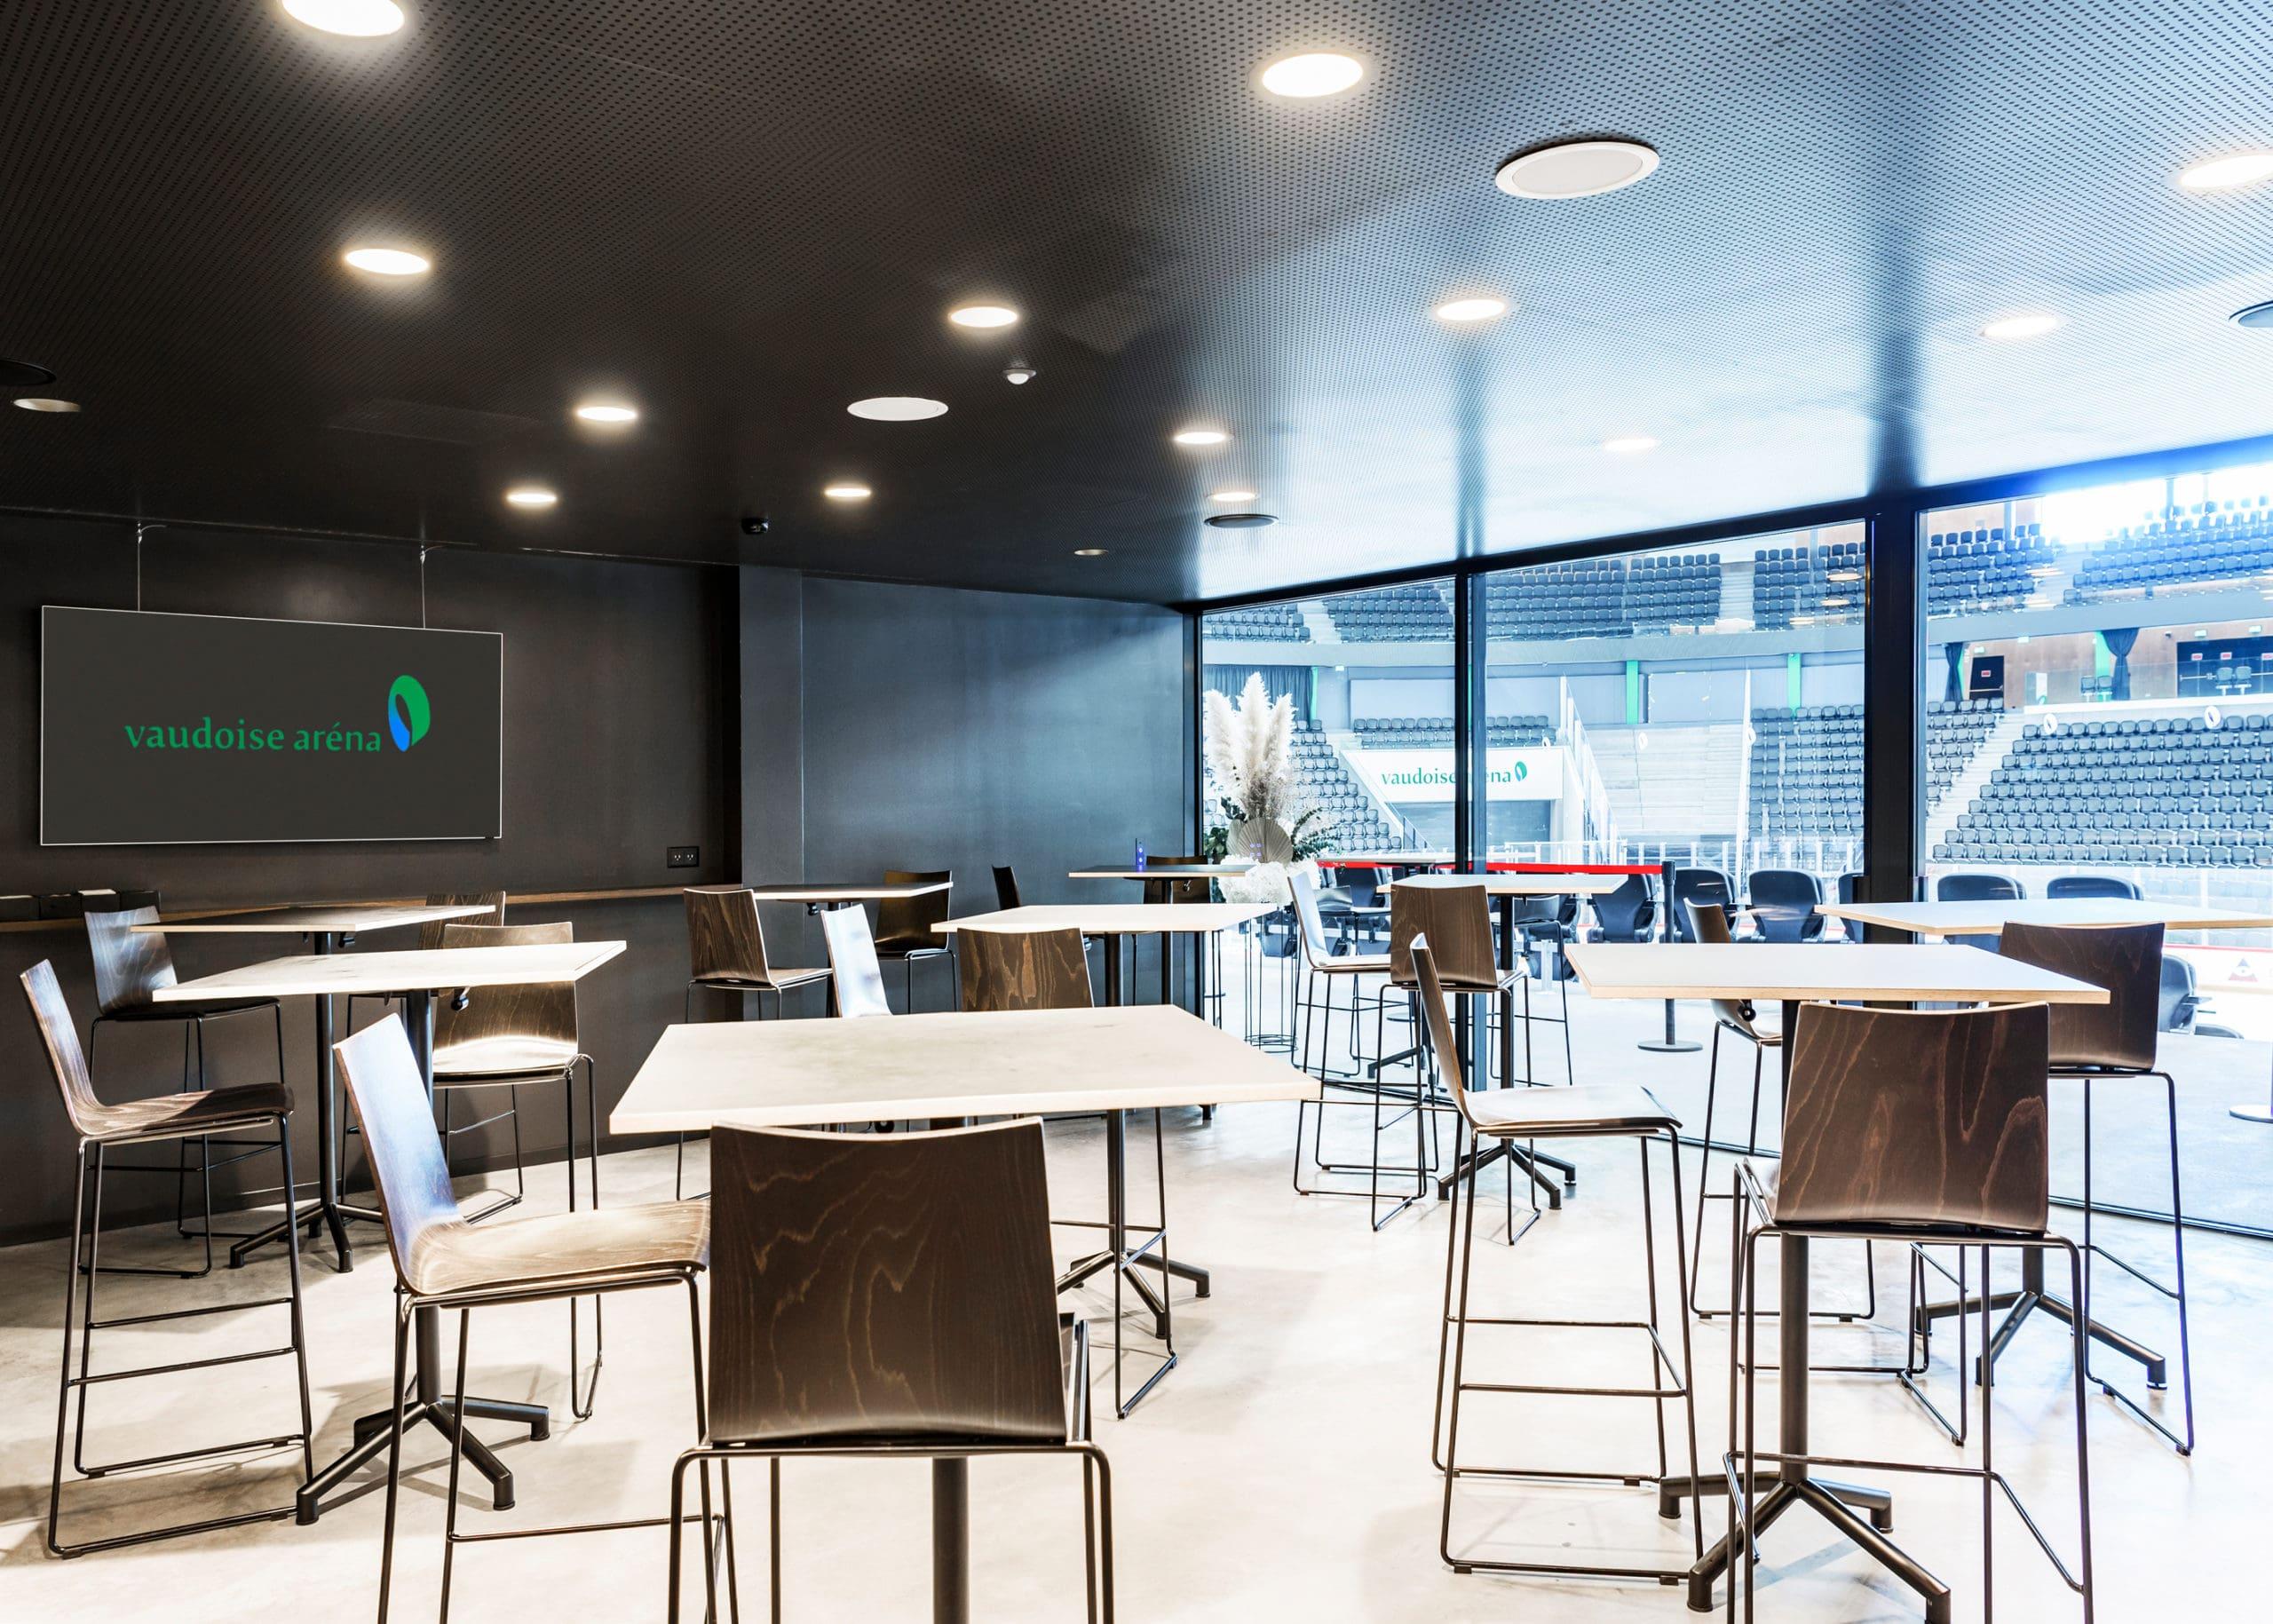 Salle Premium, espace business à la Vaudoise aréna